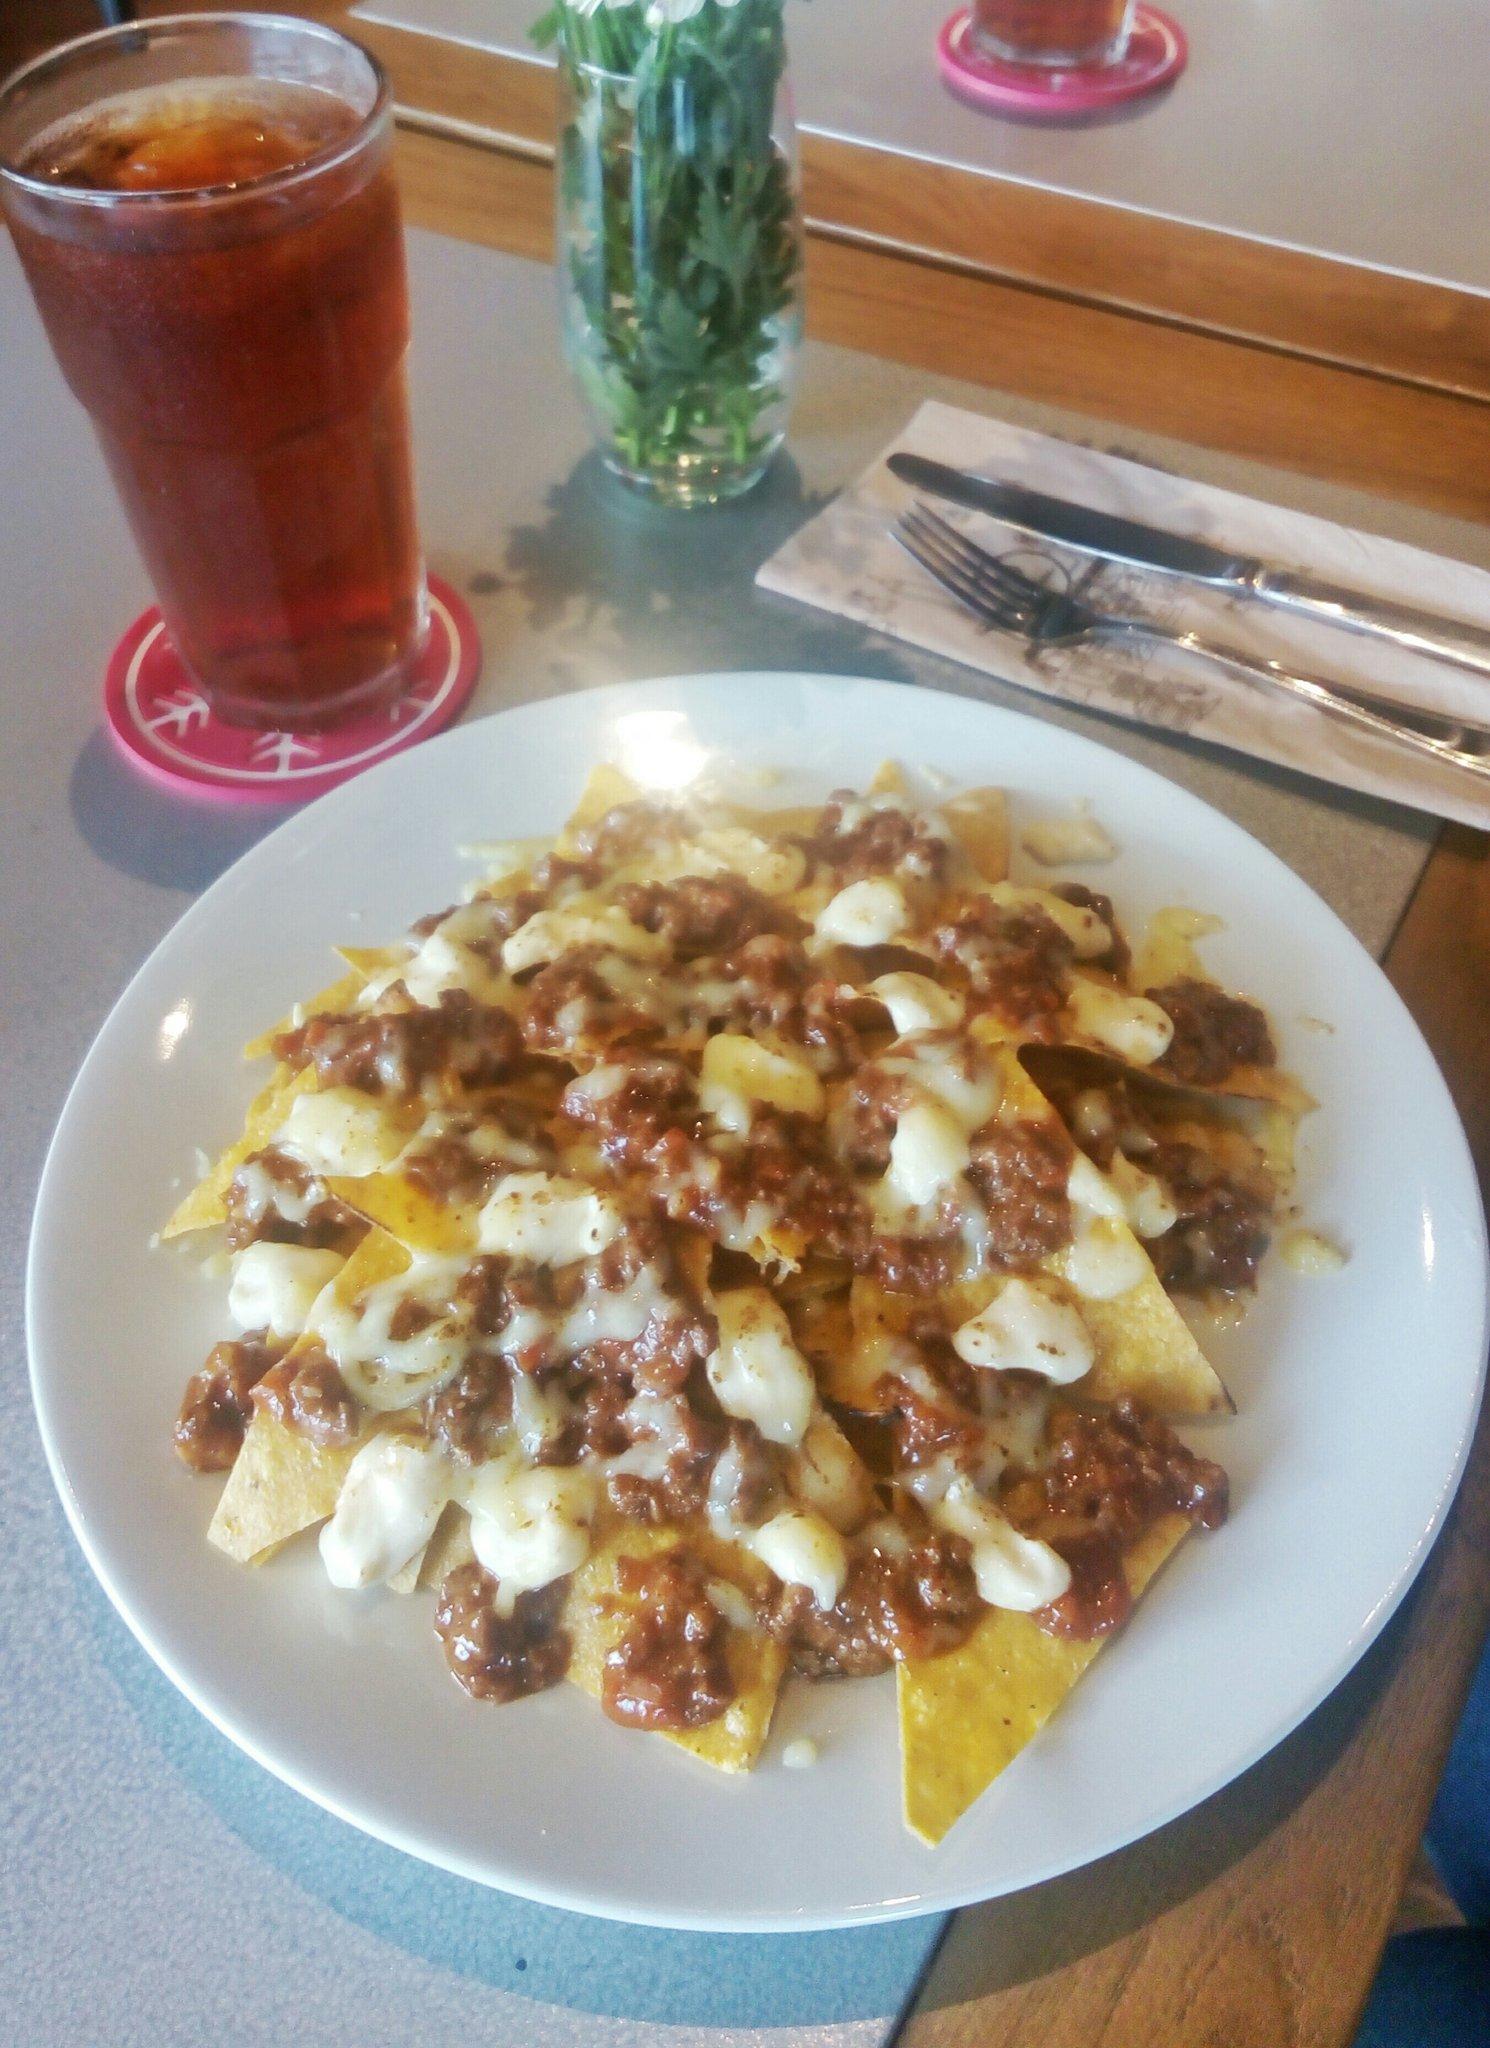 nachos-di-panciousplg-ini-enak-dan-sangat-garing-recommended-sekali-untuk-menu-pembuka-sebelum-makanan-utama-httpst-co7lg0hxpk2p